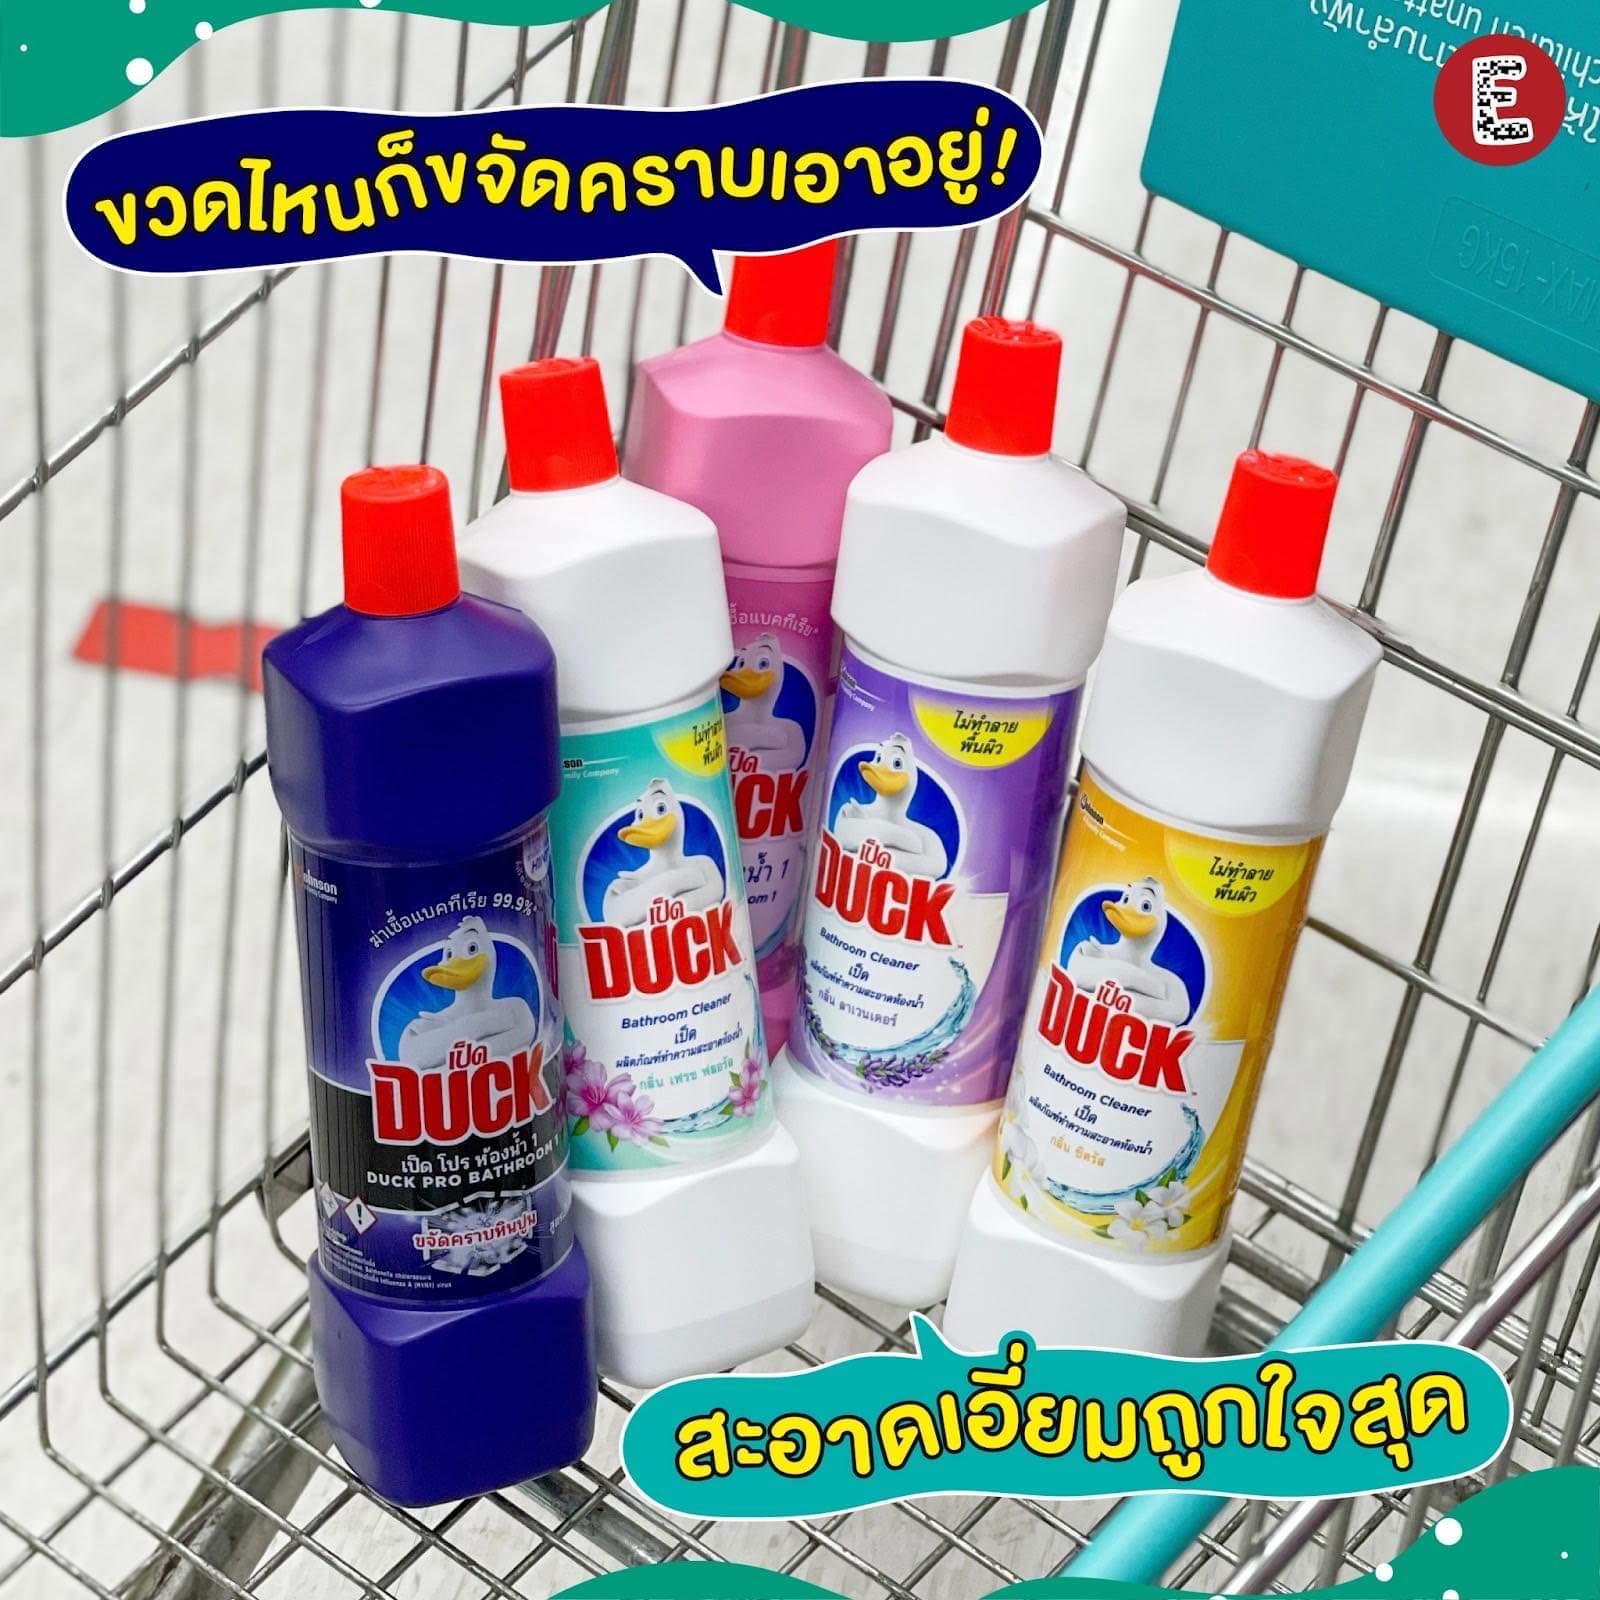 ความคุ้มคือยืนหนึ่ง แลกซื้อผลิตภัณฑ์ทำความสะอาดเป็ด ในราคาพิเศษ!!